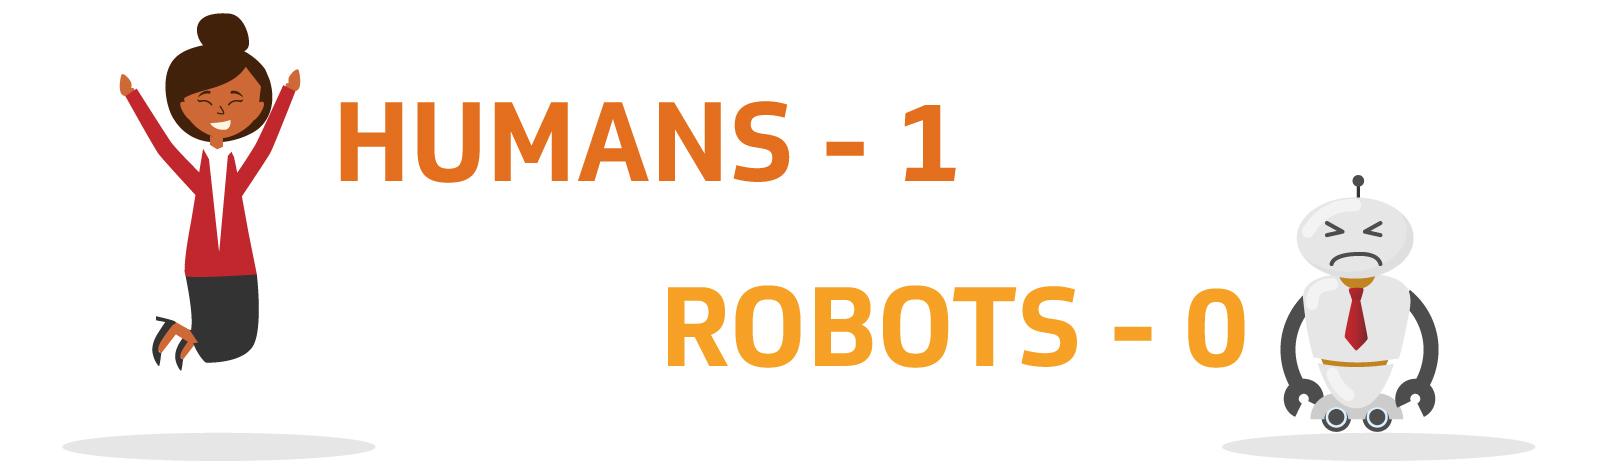 Humans -1 Robots - 0